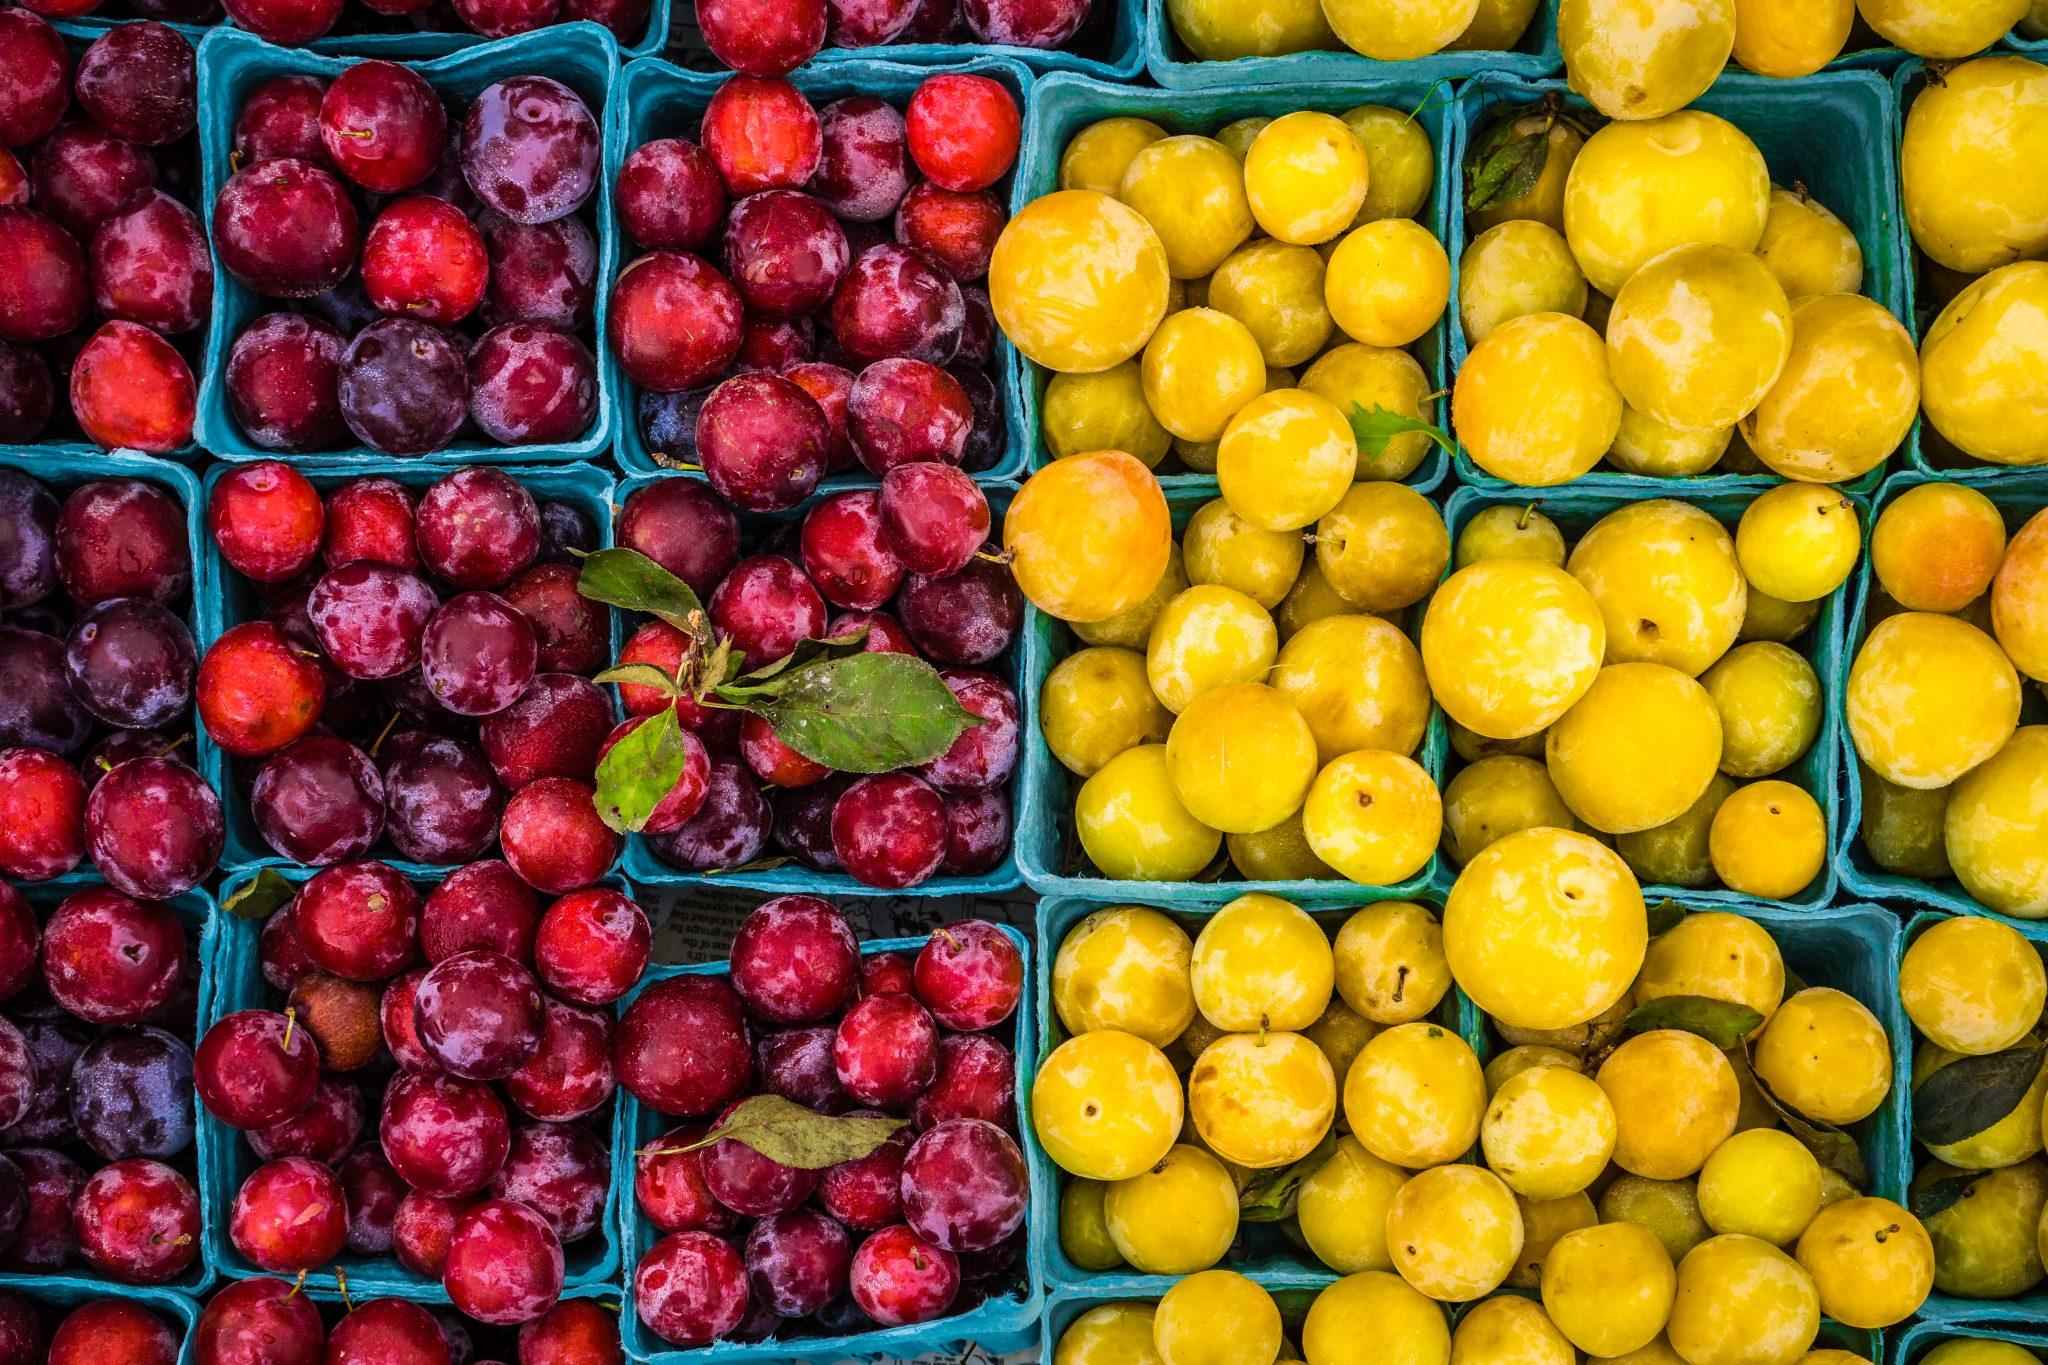 Ovoce vyskládané v krabicích na farmářských trzích